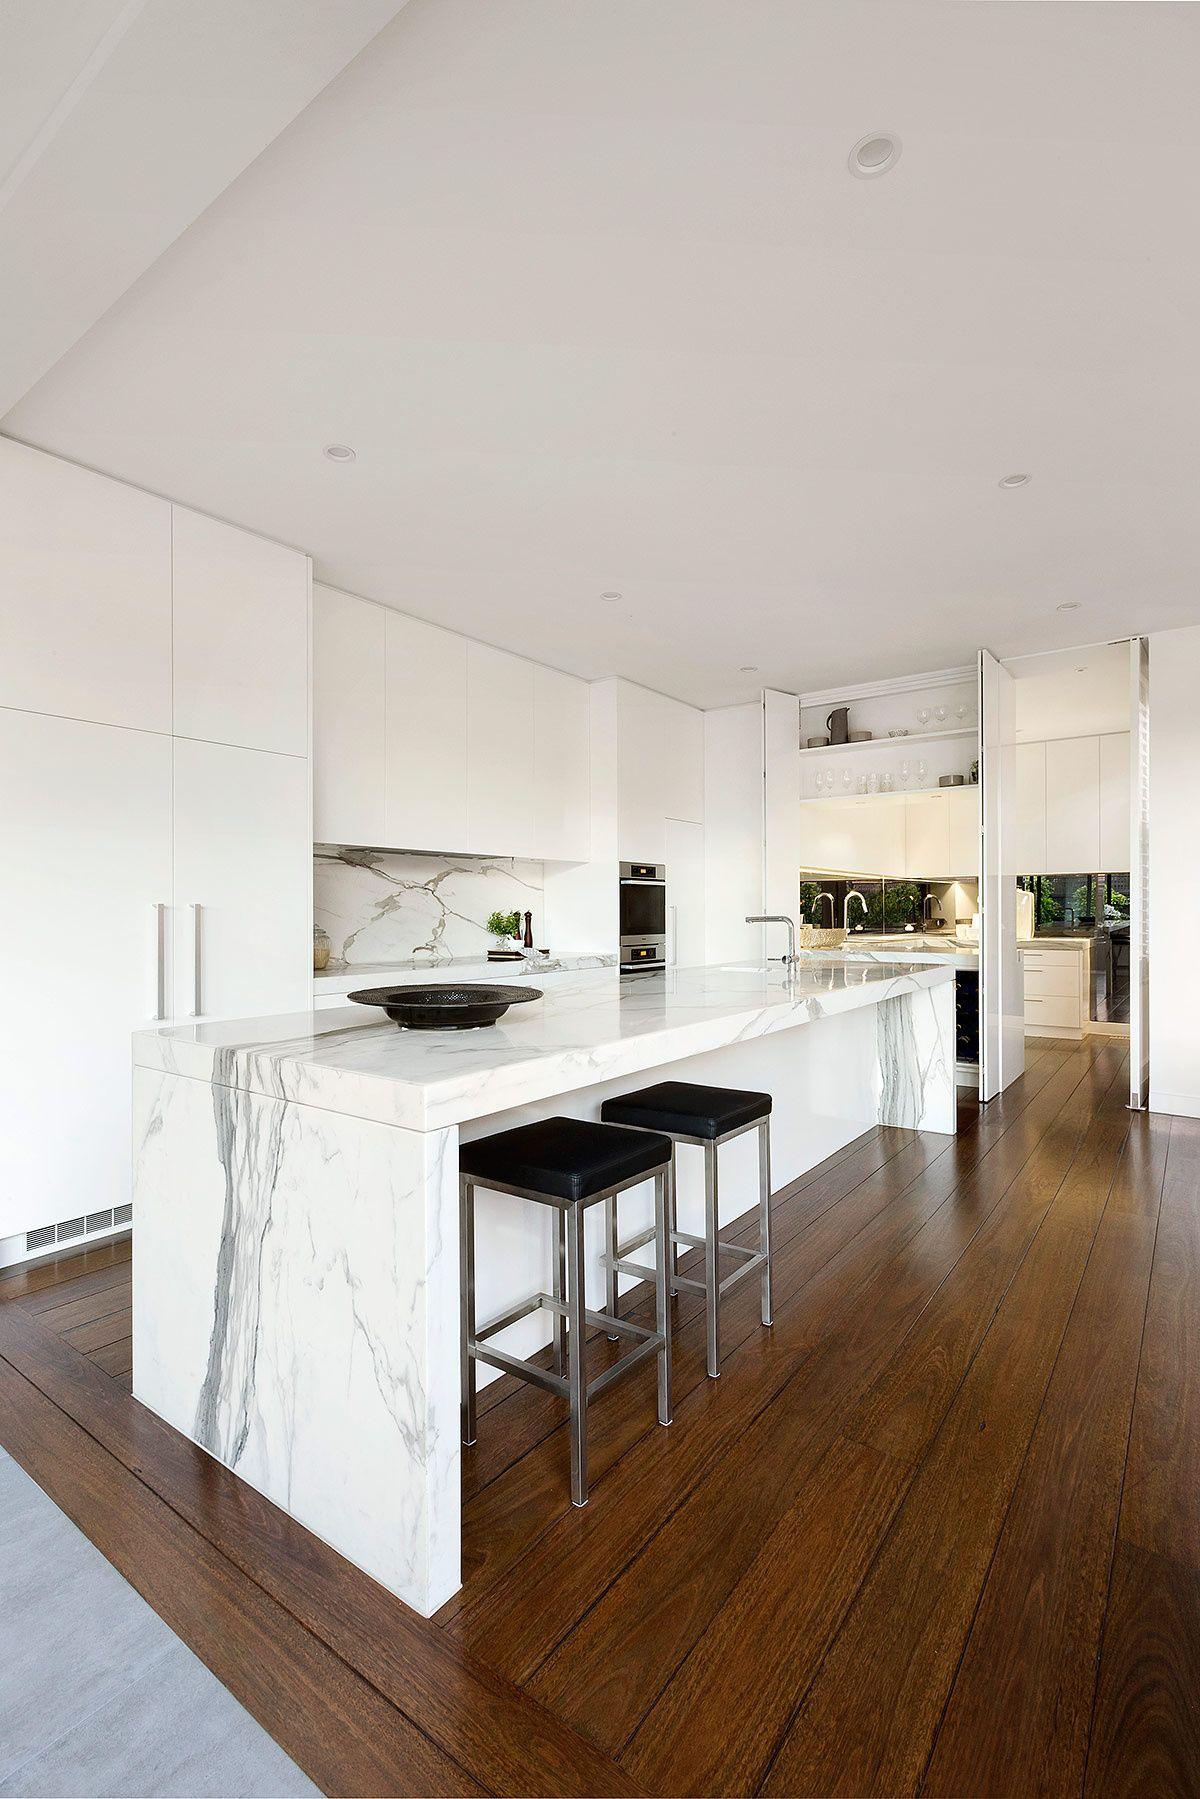 Casa en australia por lsa architects cocinas cocinas for Arquitectura de interiores a distancia